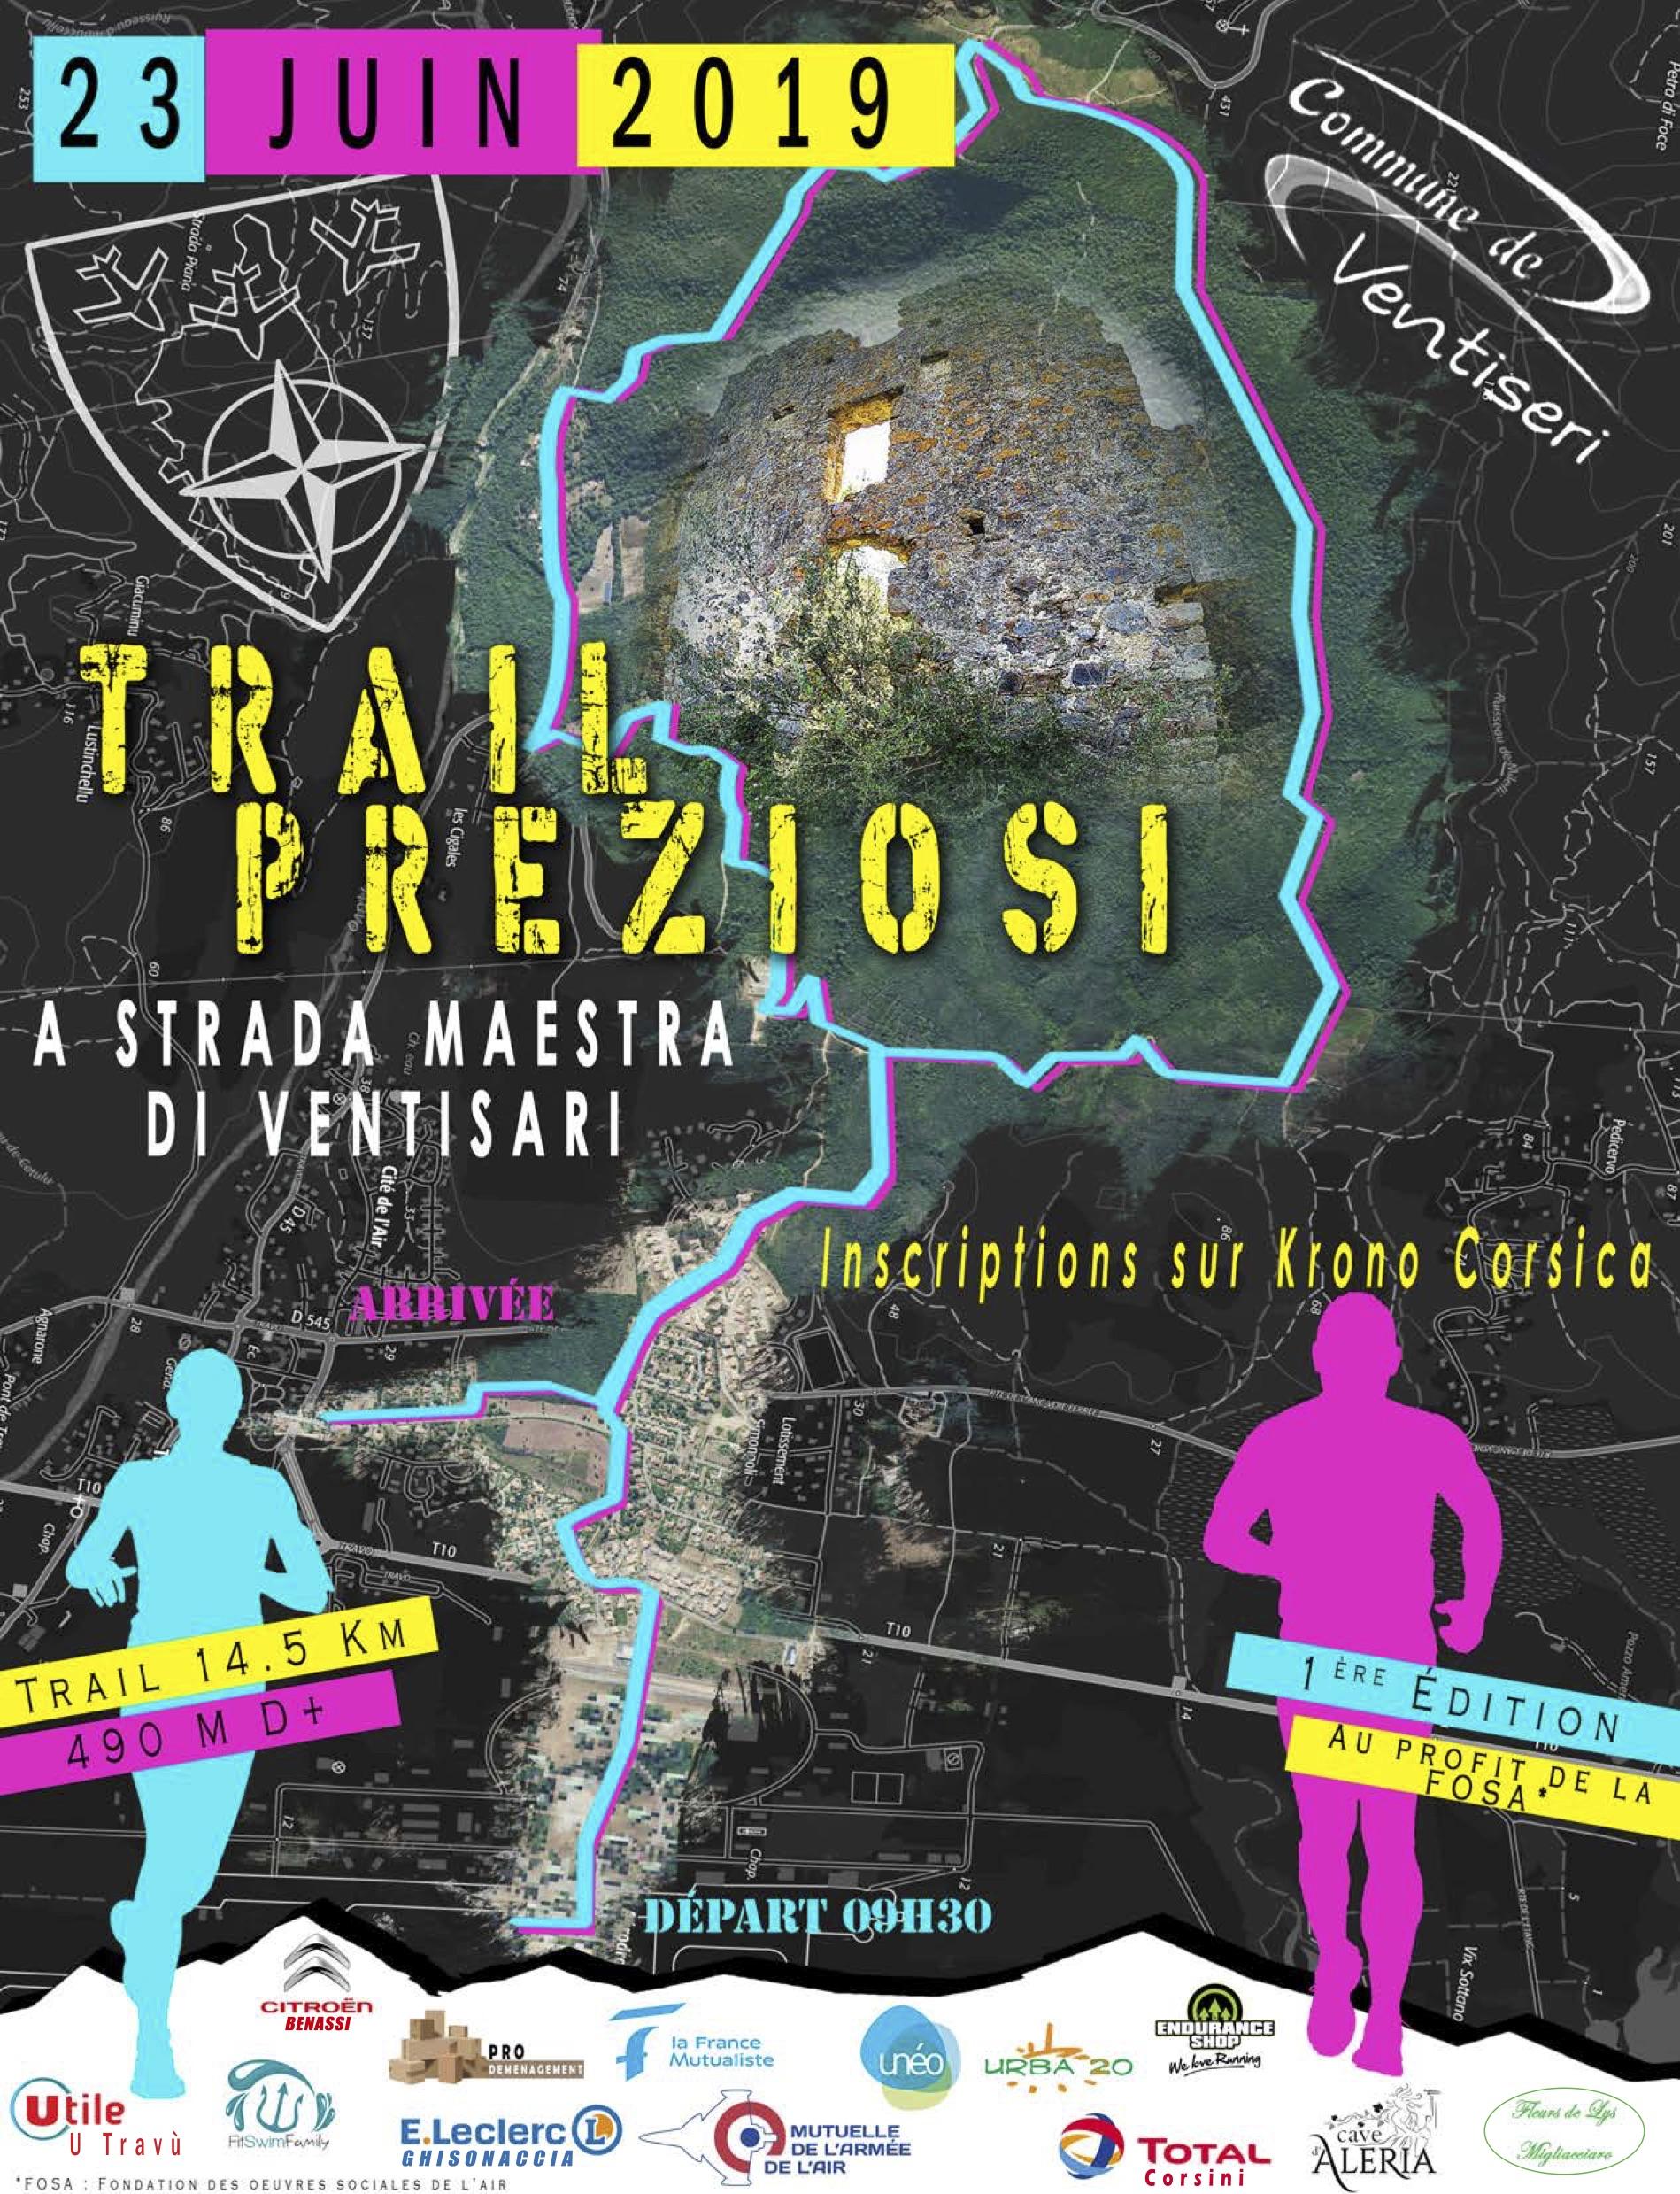 Ventiseri : Le 1er Trail Preziosi A Strada maestra c'est ce dimanche 23 juin